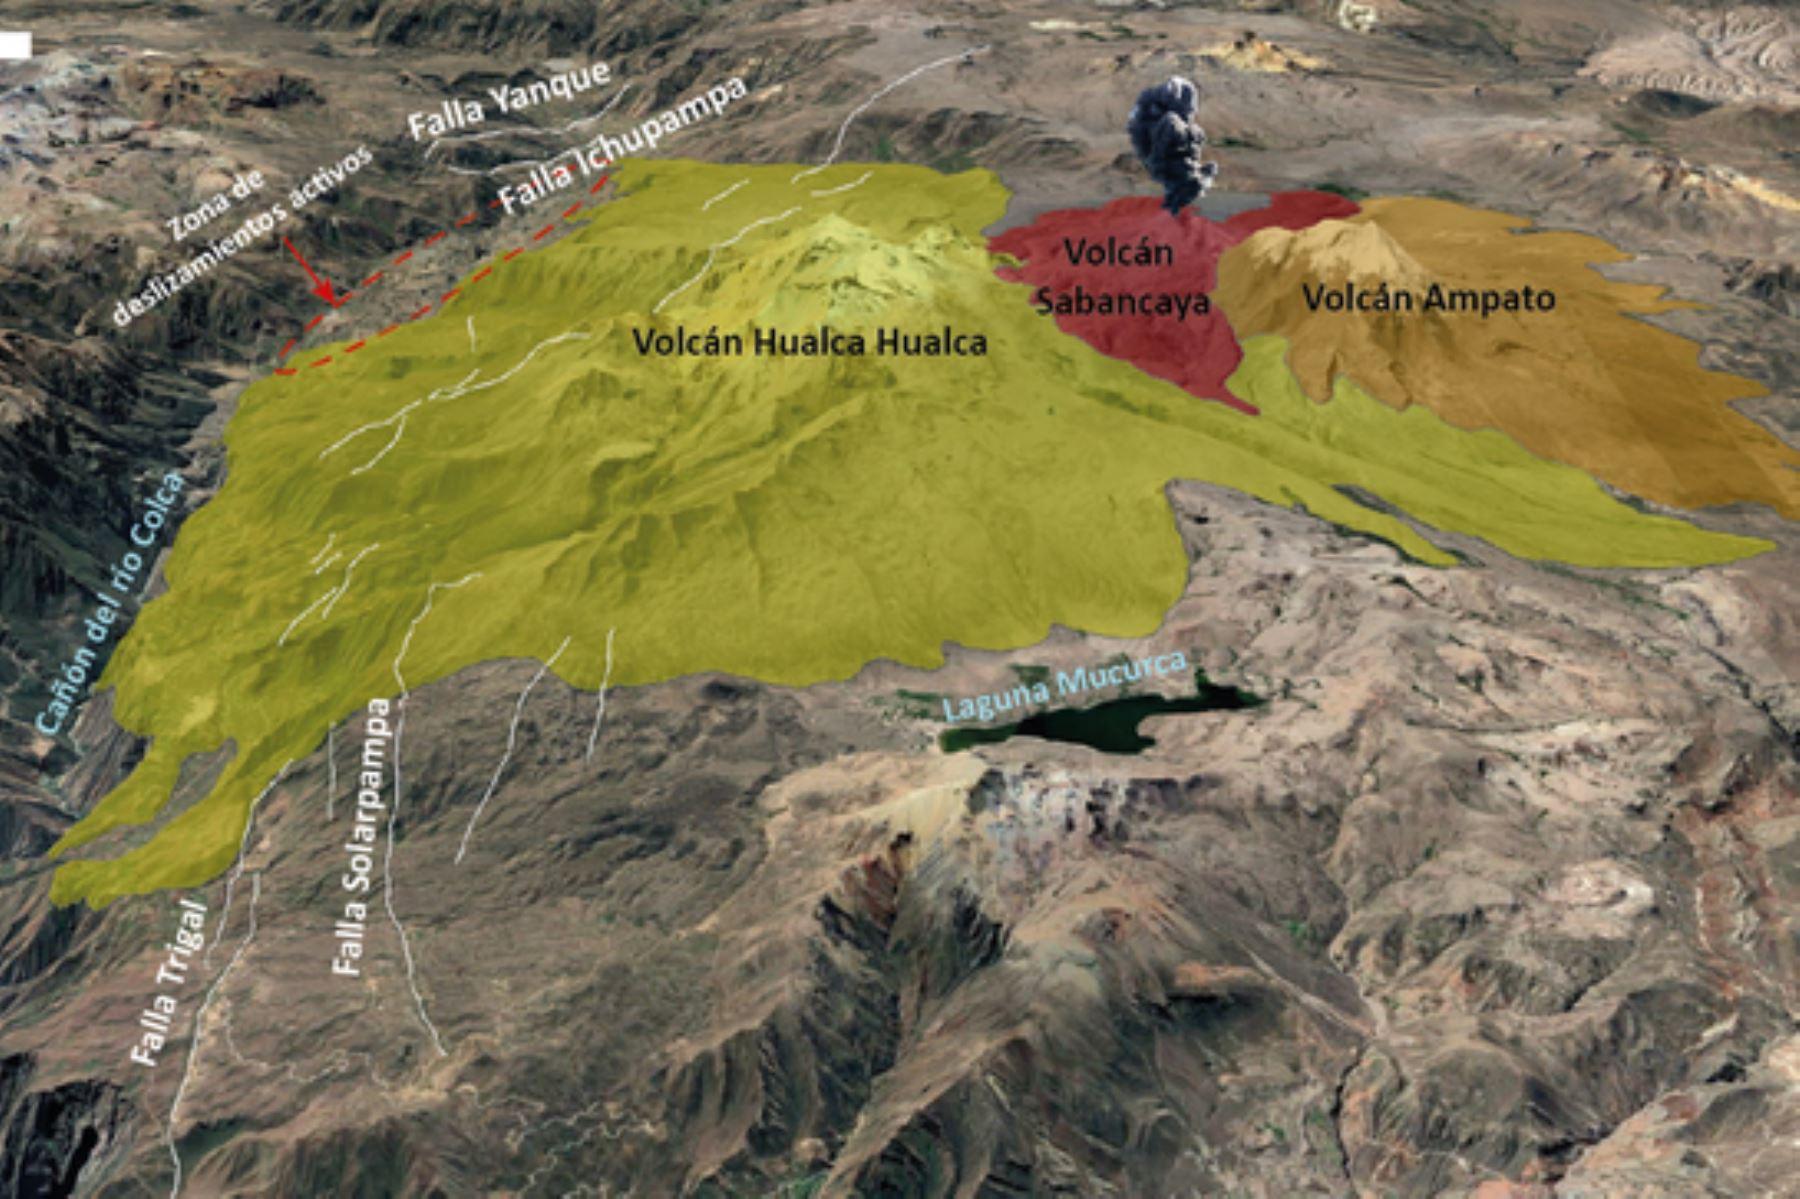 Las fallas geológicas activas controlan el emplazamiento de los volcanes Sabancaya, Ampato y Hualca Hualca. Foto: ANDINA/Ingemmet